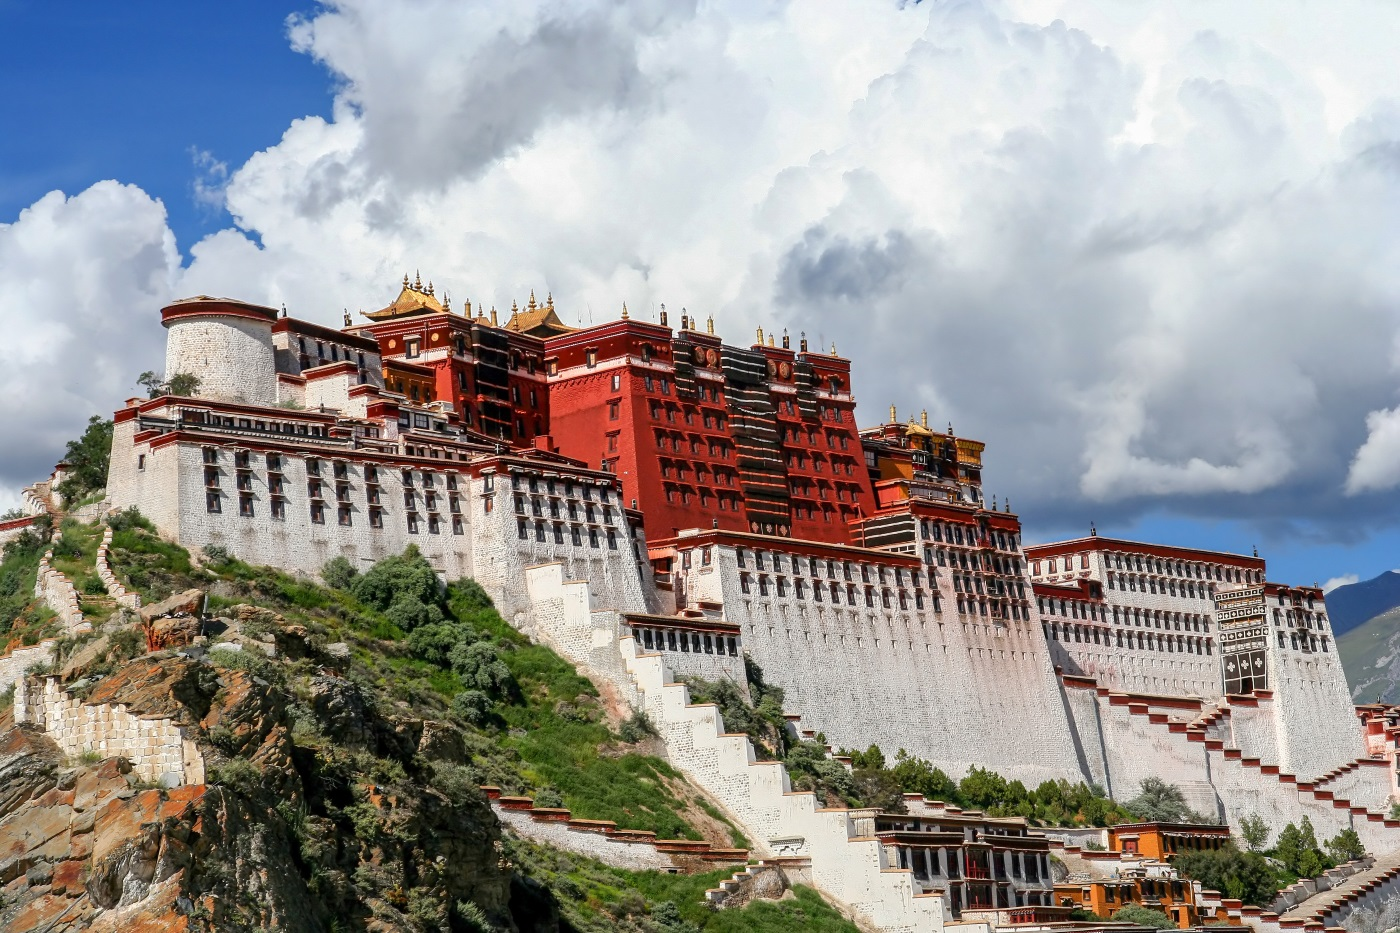 Дворецът Потала – архитектурно чудо и духовен дом на Далай Лама. Най-високият дворец в света, той се издига на 3700 м над морското равнище, има 13 еажа и повече от 100 стаи. Общата площ на дворцовия комплекс е 360 хиляди квадратни метра.